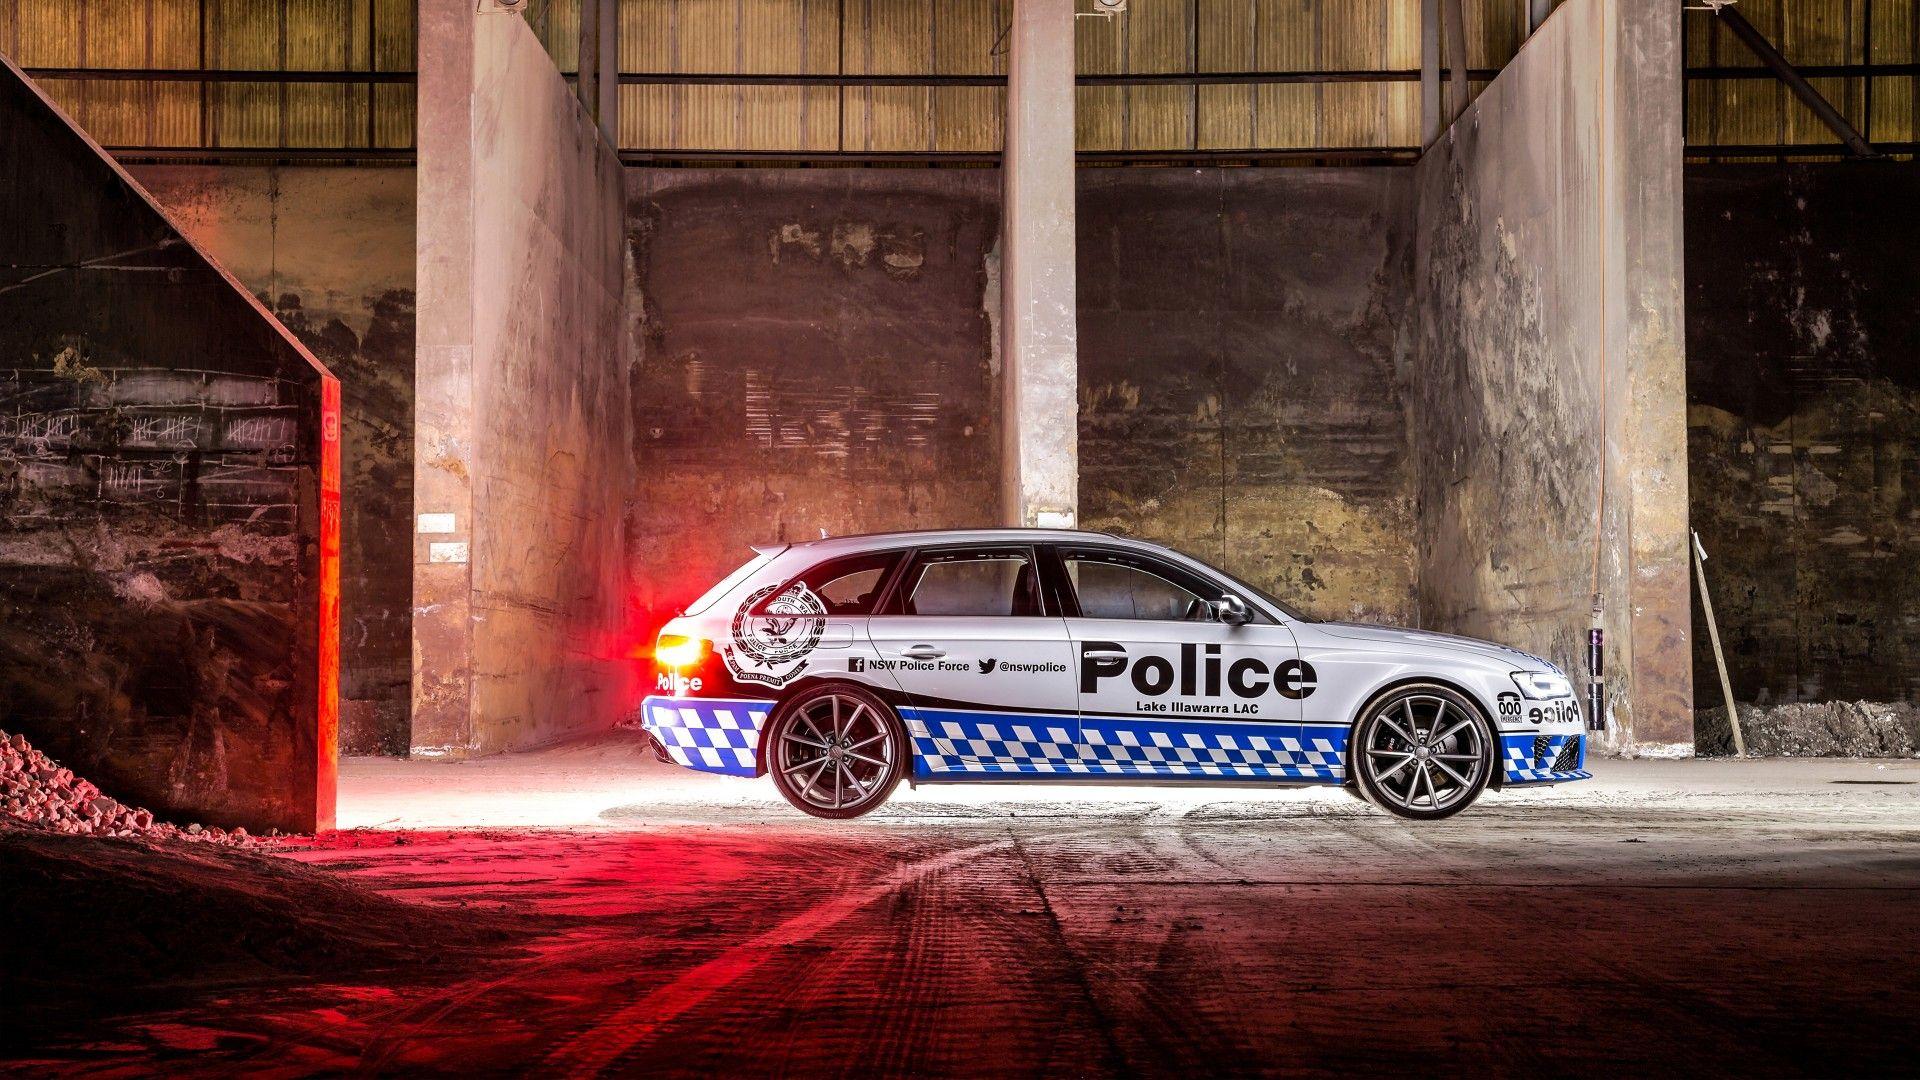 2015 Audi Rs4 Avant Police 2 Wallpaper Hd Car Wallpapers Car